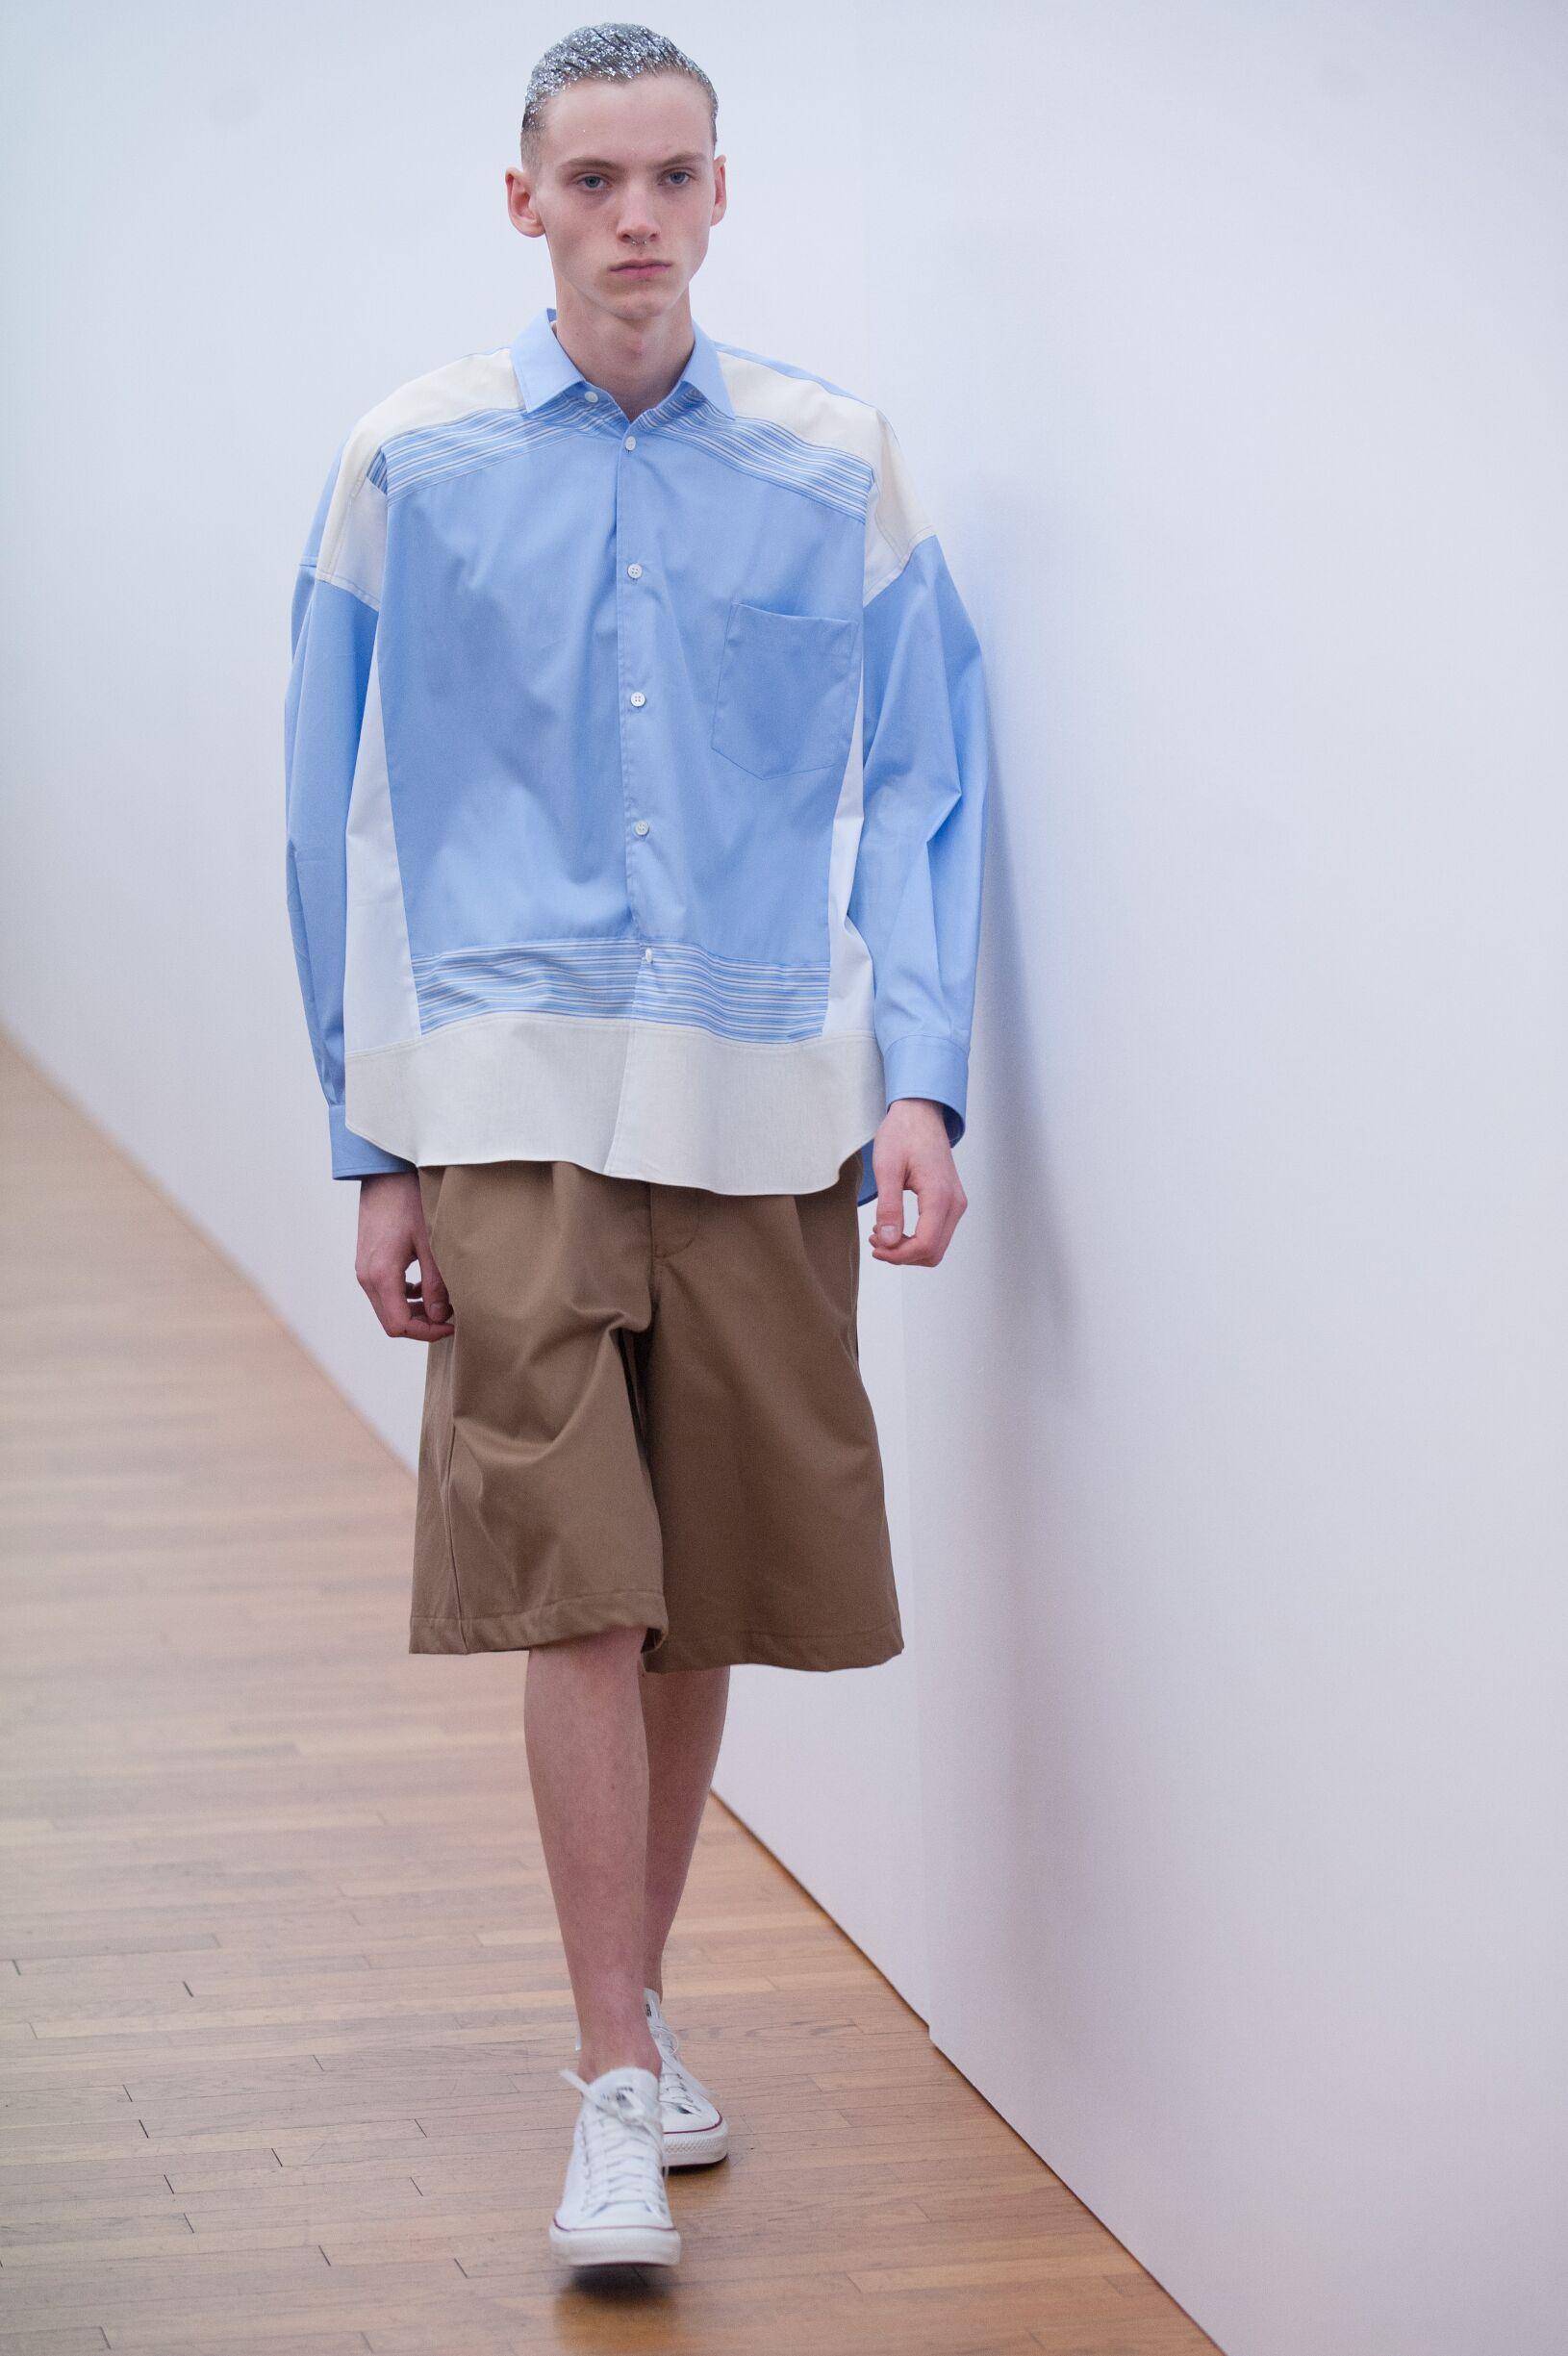 2017 Comme Des Garçons Shirt Fall Winter Man